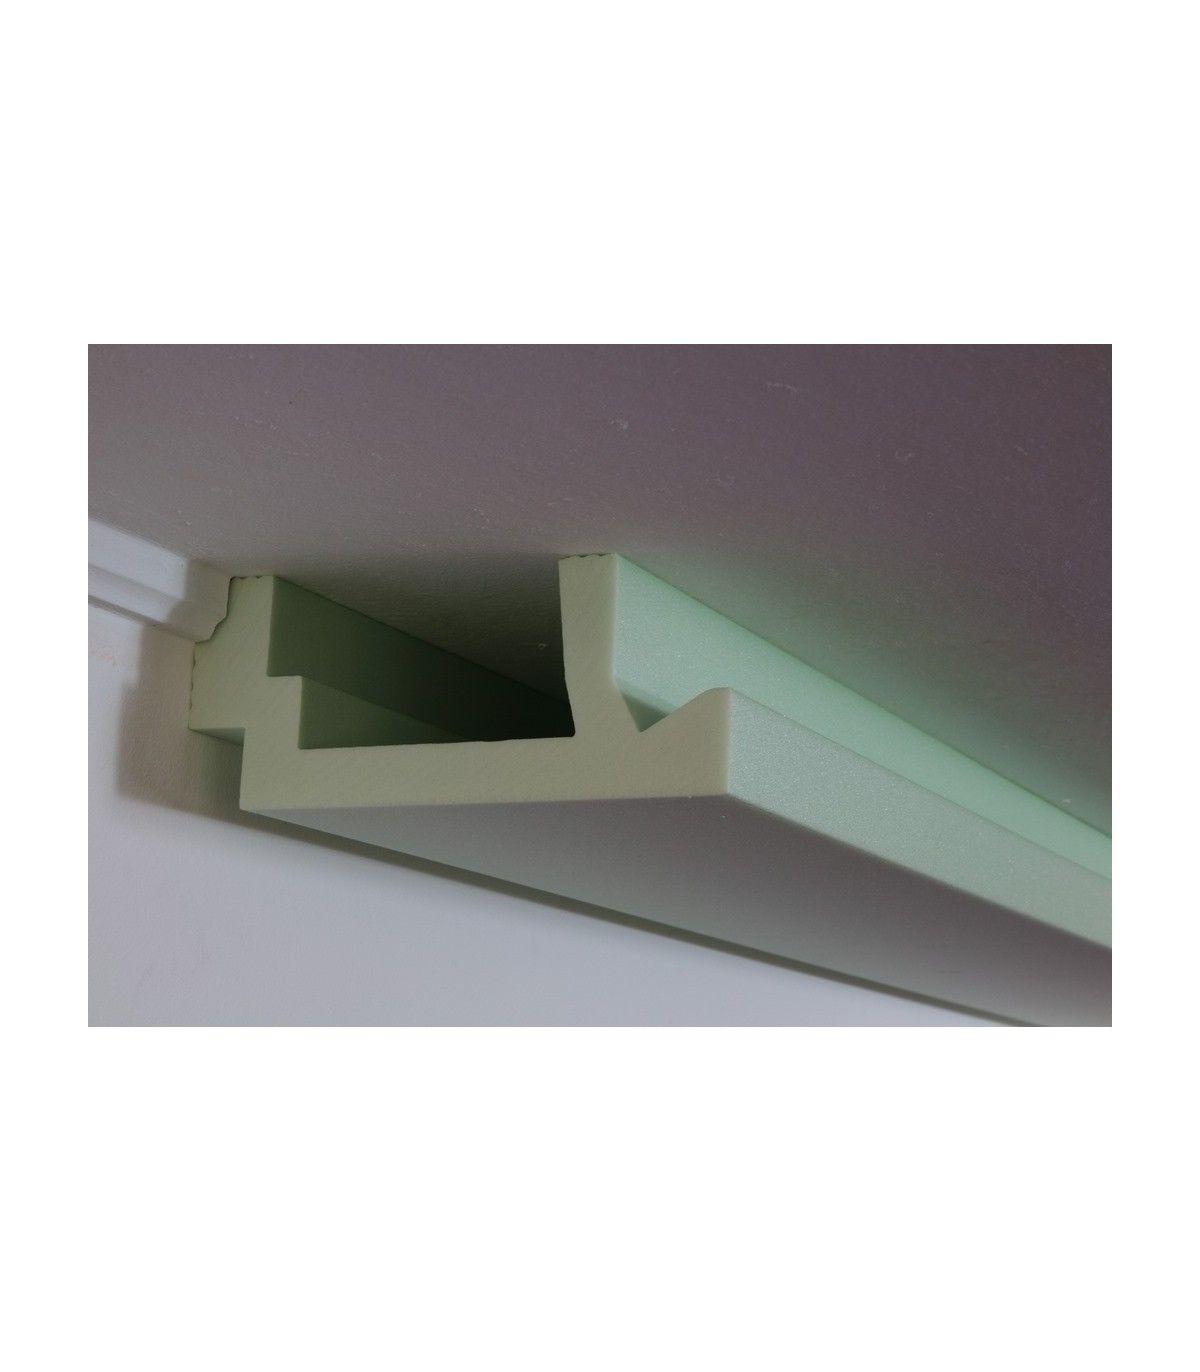 Led Stuckleisten Wdml 200a St Für Indirekte Beleuchtung Wand Und